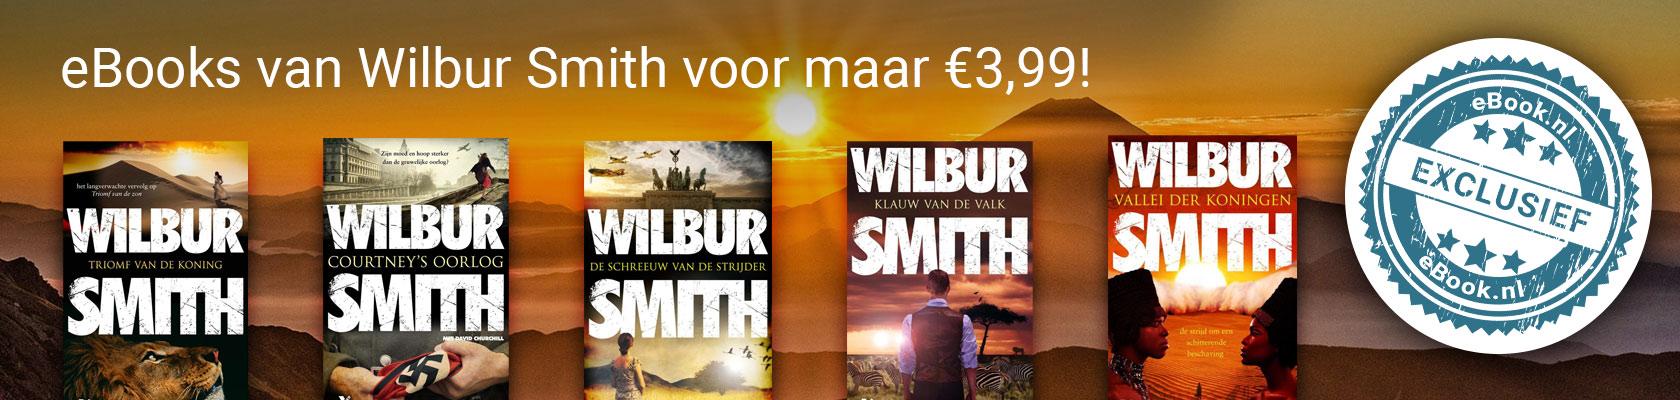 eBooks van Wilbur Smith voor maar € 3,99